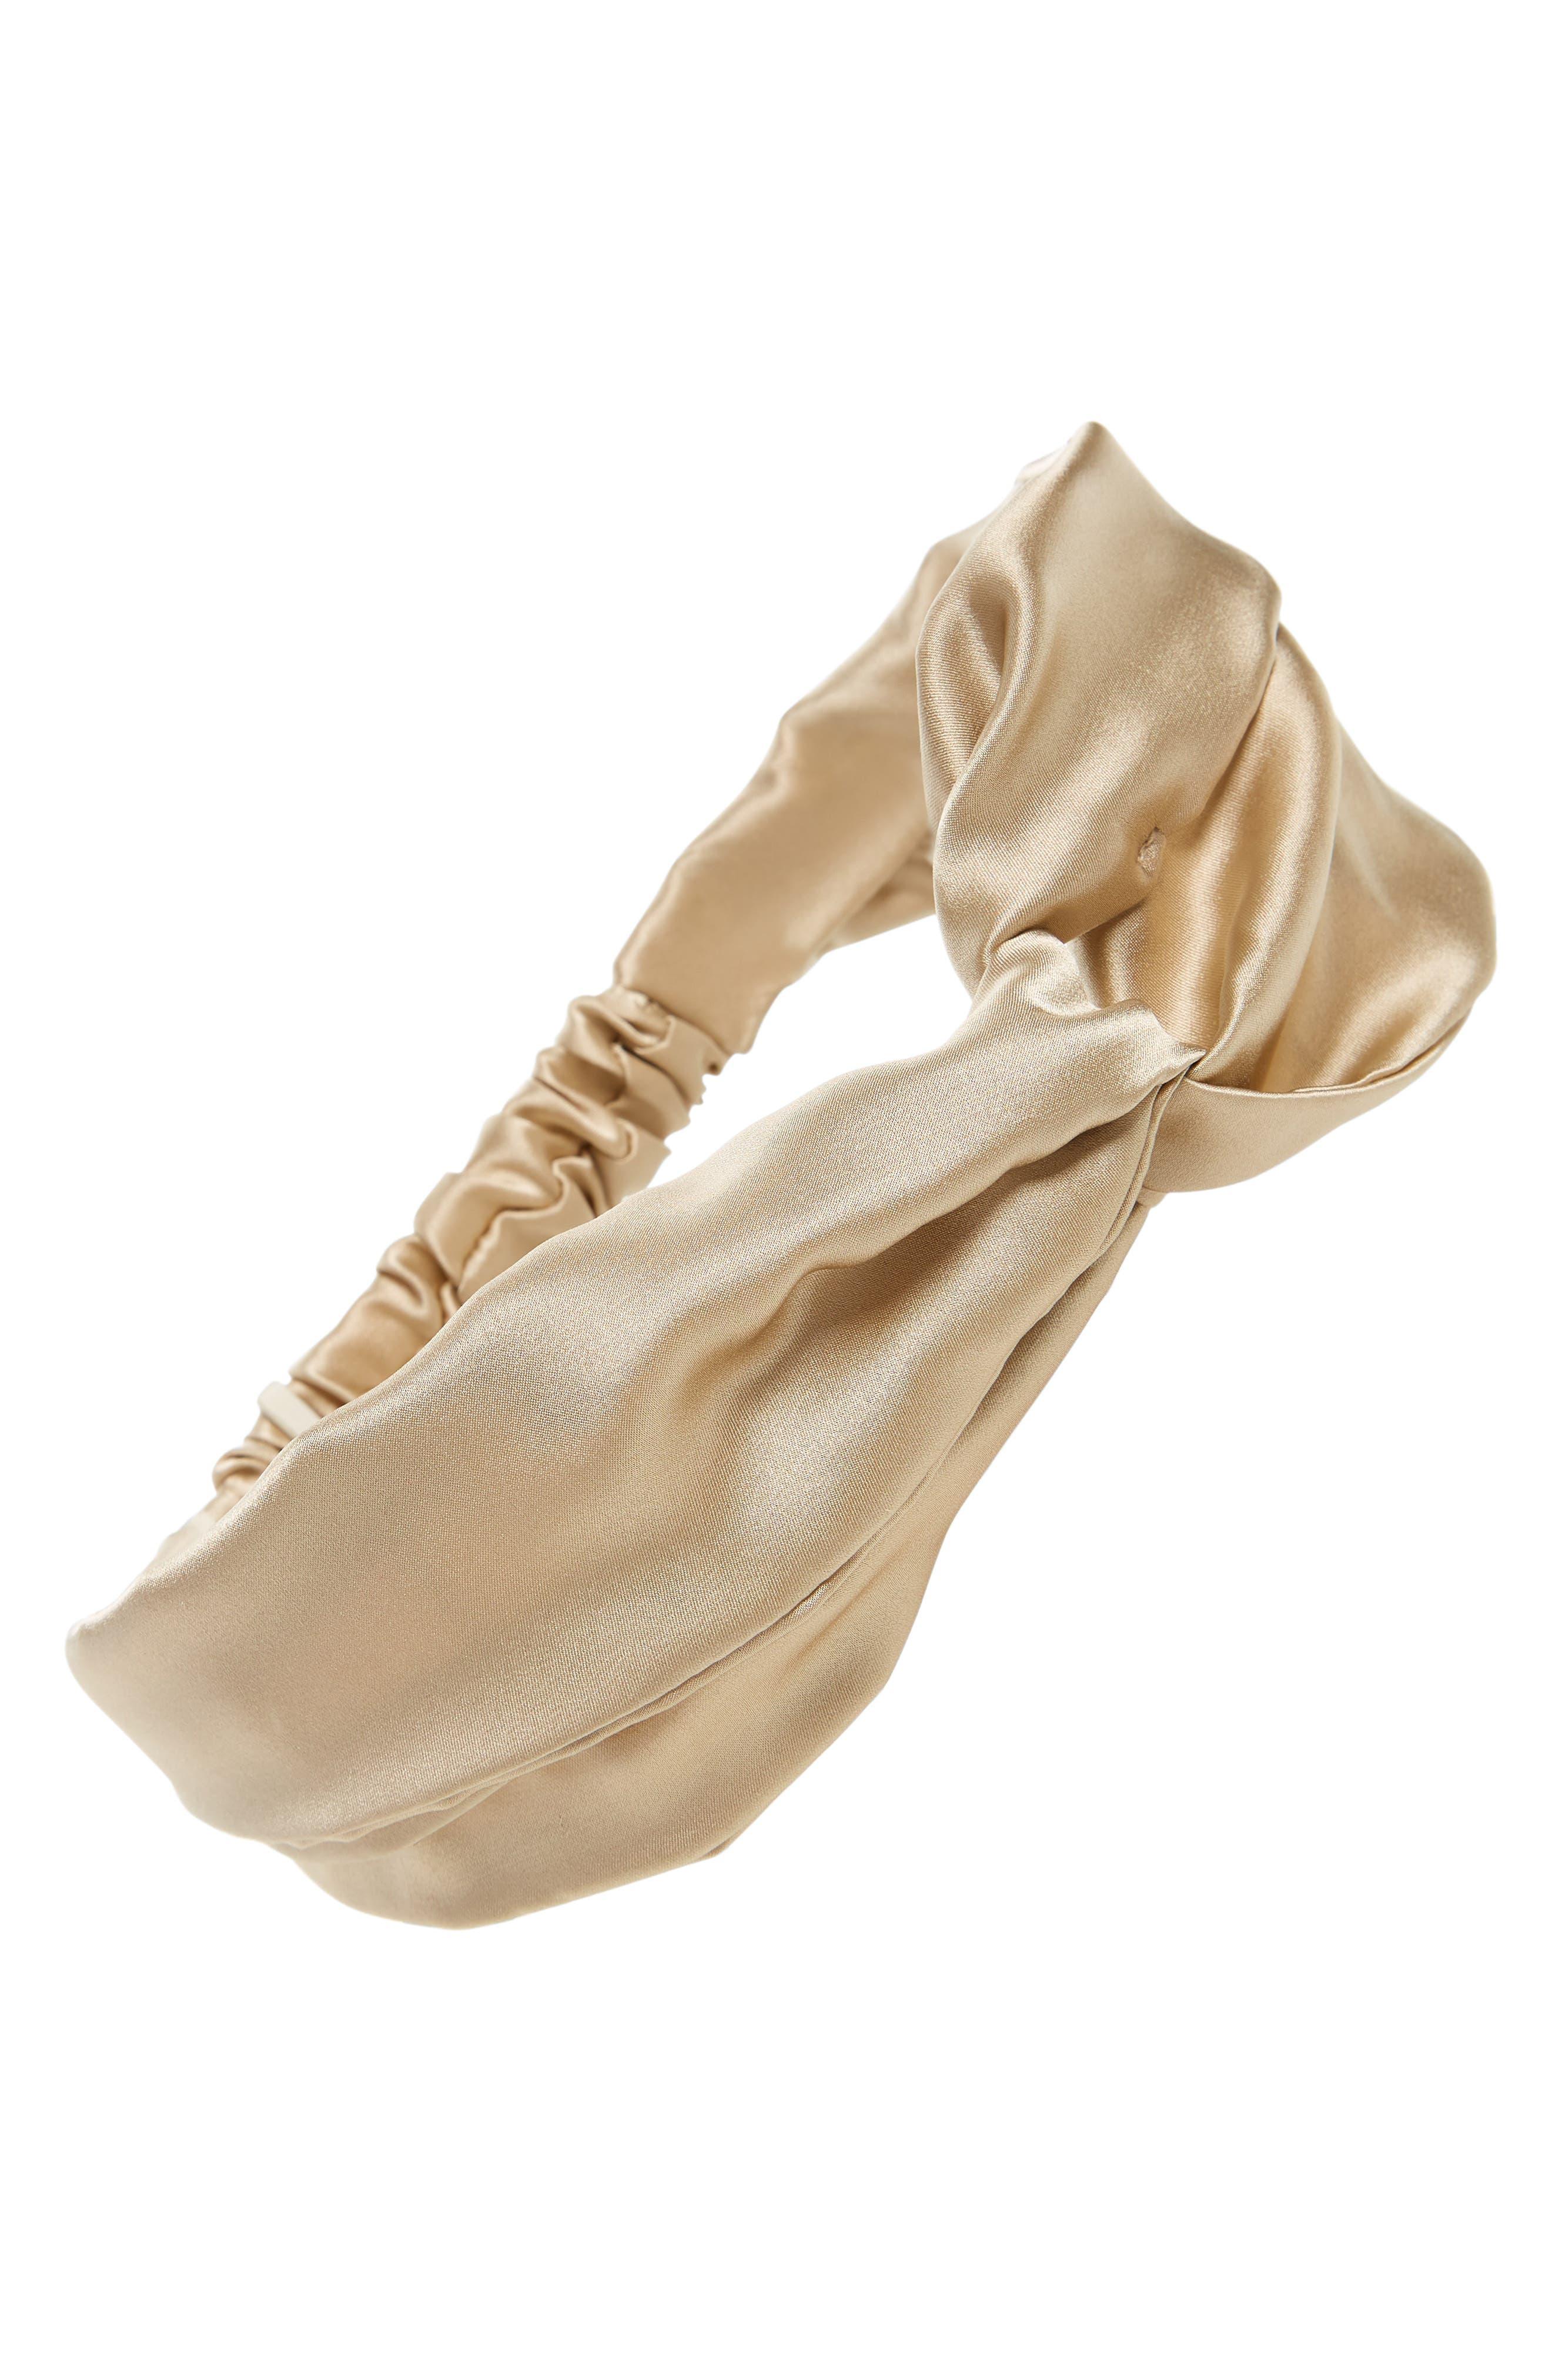 ChaCha Silk Turban Head Wrap,                         Main,                         color, 201